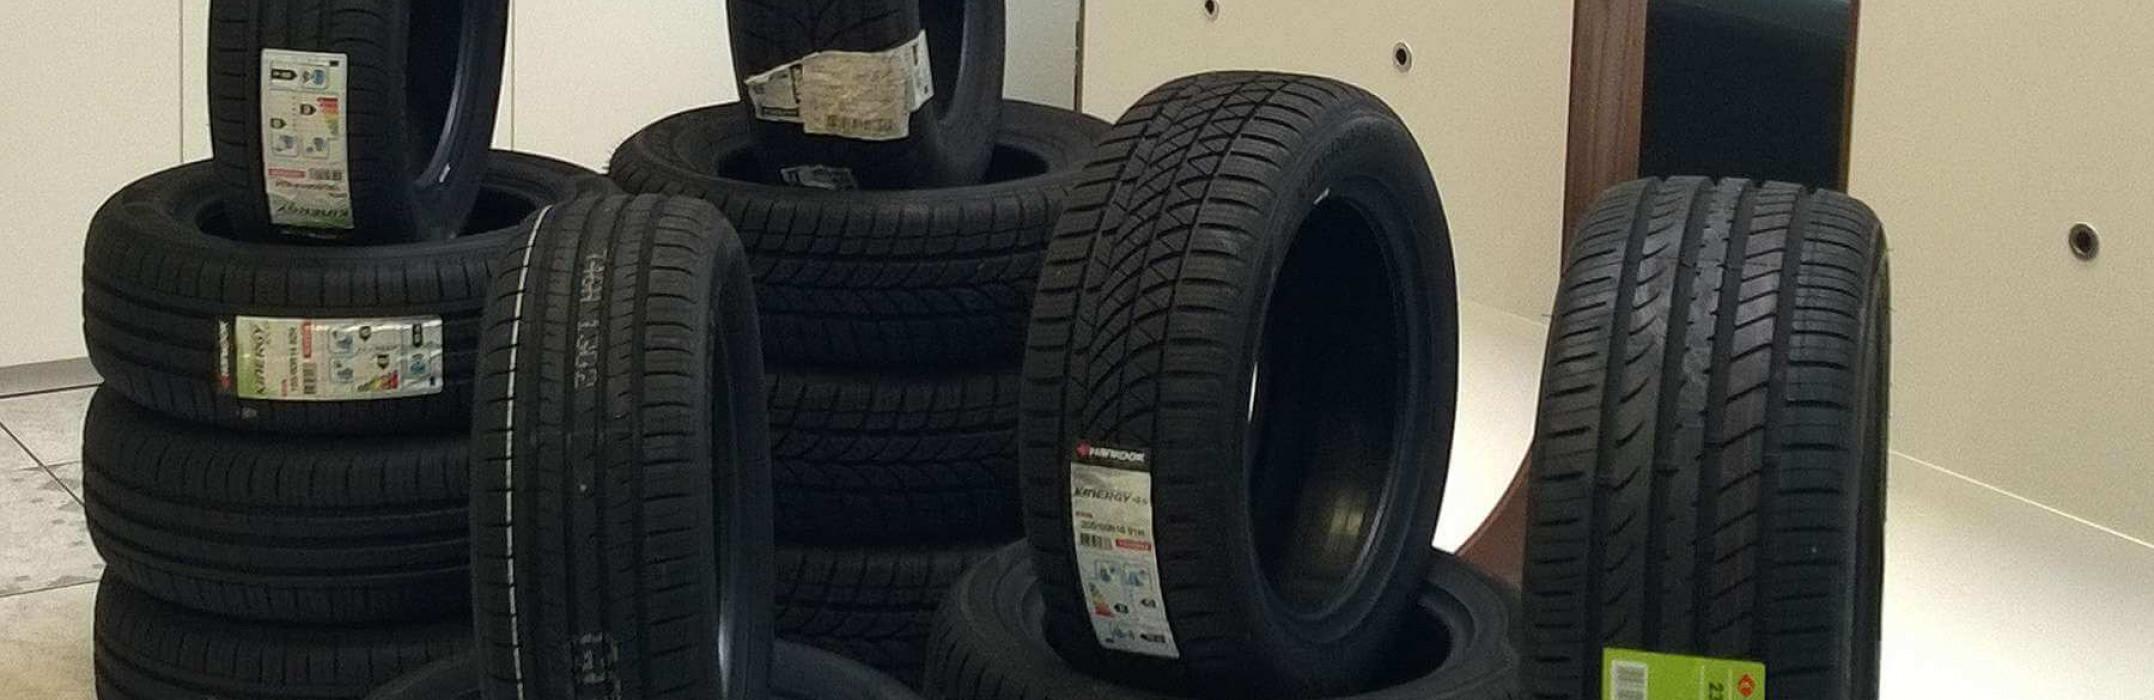 """Reifenwechsel - Mit dem professionellen Reifenservice von Autos am Posthorn sichern Sie sich die Qualität Ihrer Reifen."""" data-caption=""""Reifenwechsel und die professionelle Reifeneinlagerung bei Autos am Posthorn"""